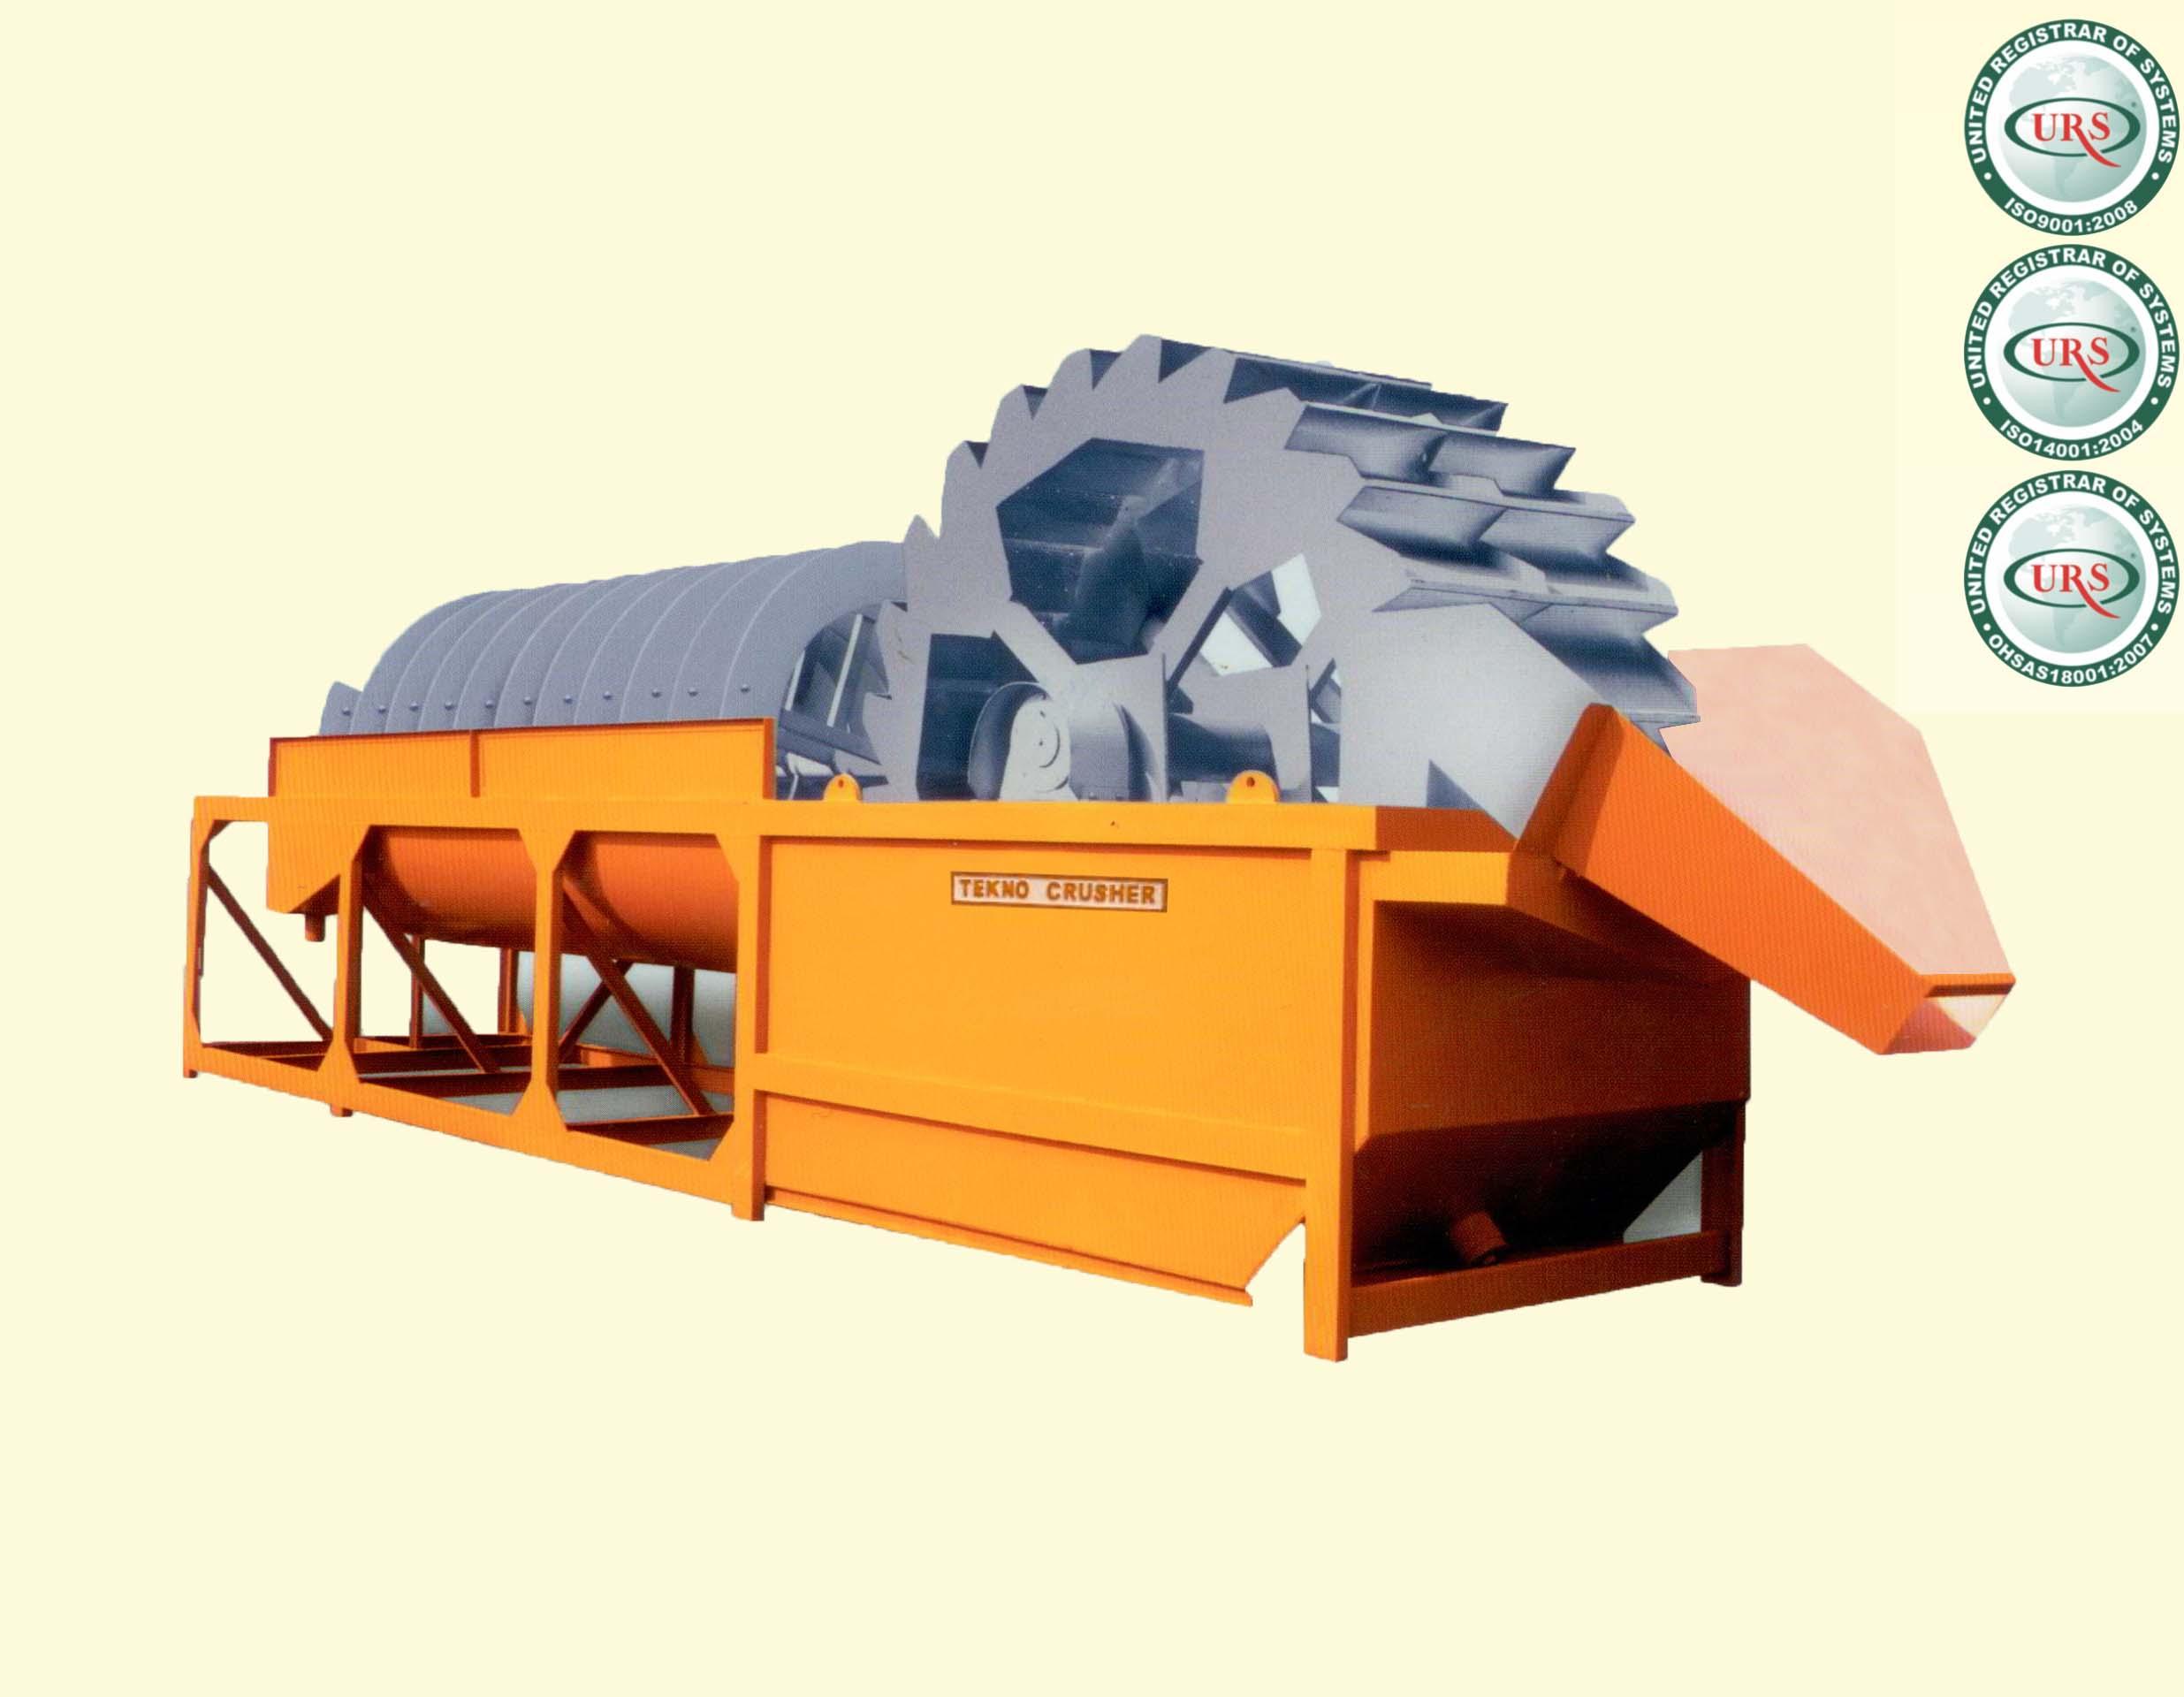 Mahyar- teknocrusher-0503059292.cdr